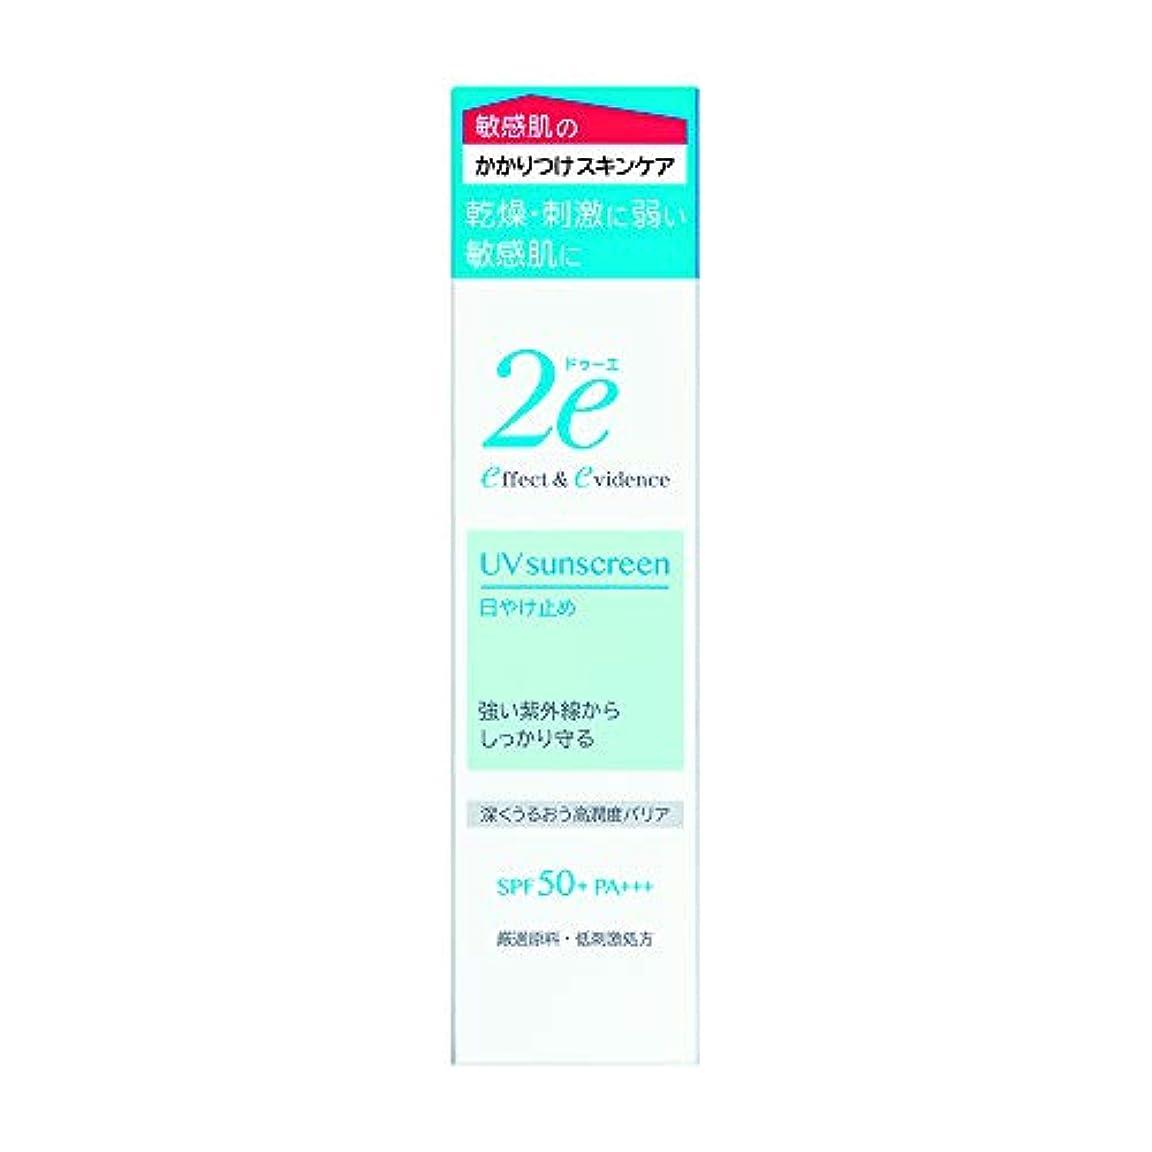 もう一度不幸区別2e(ドゥーエ) 日やけ止め 敏感肌用 低刺激処方 深くうるおう高潤度バリア 40g SPF50+ PA+++ 日焼け止め